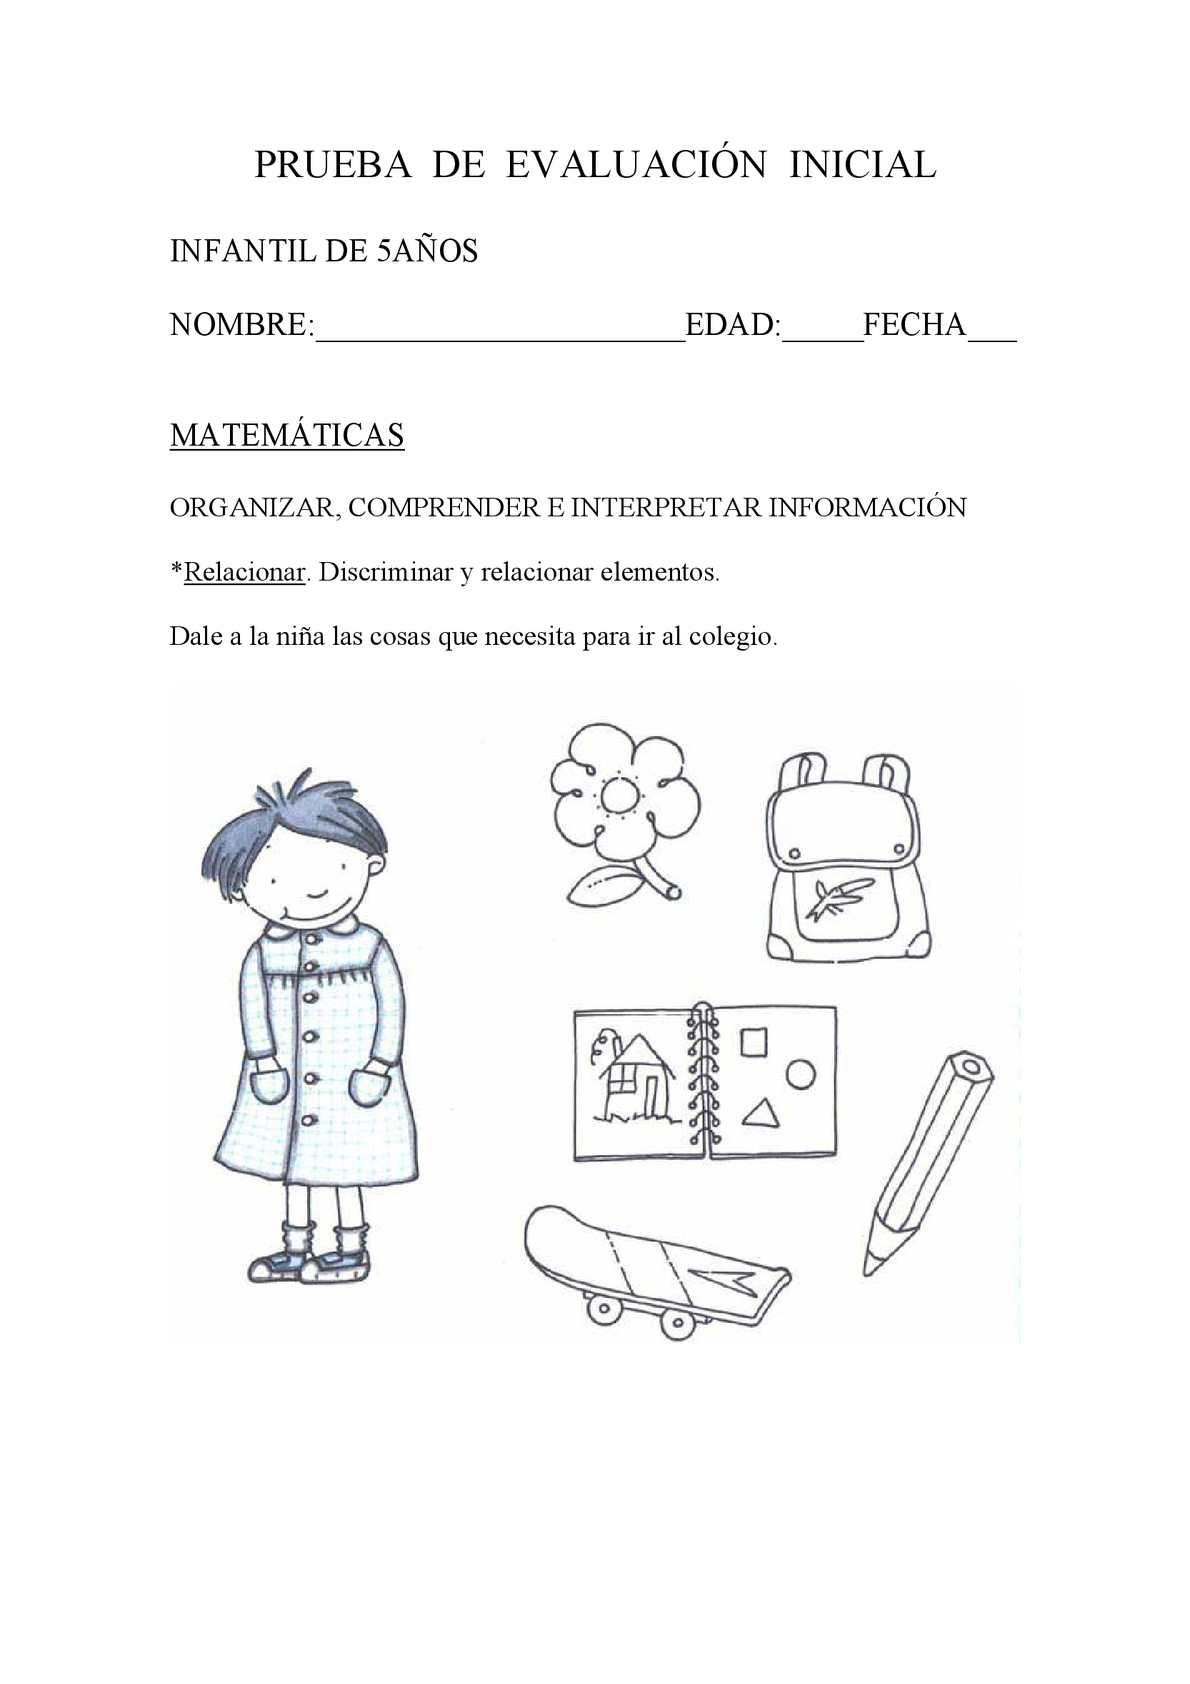 Prueba De Evaluación Inicial Infantil 5 Anos Matematicas